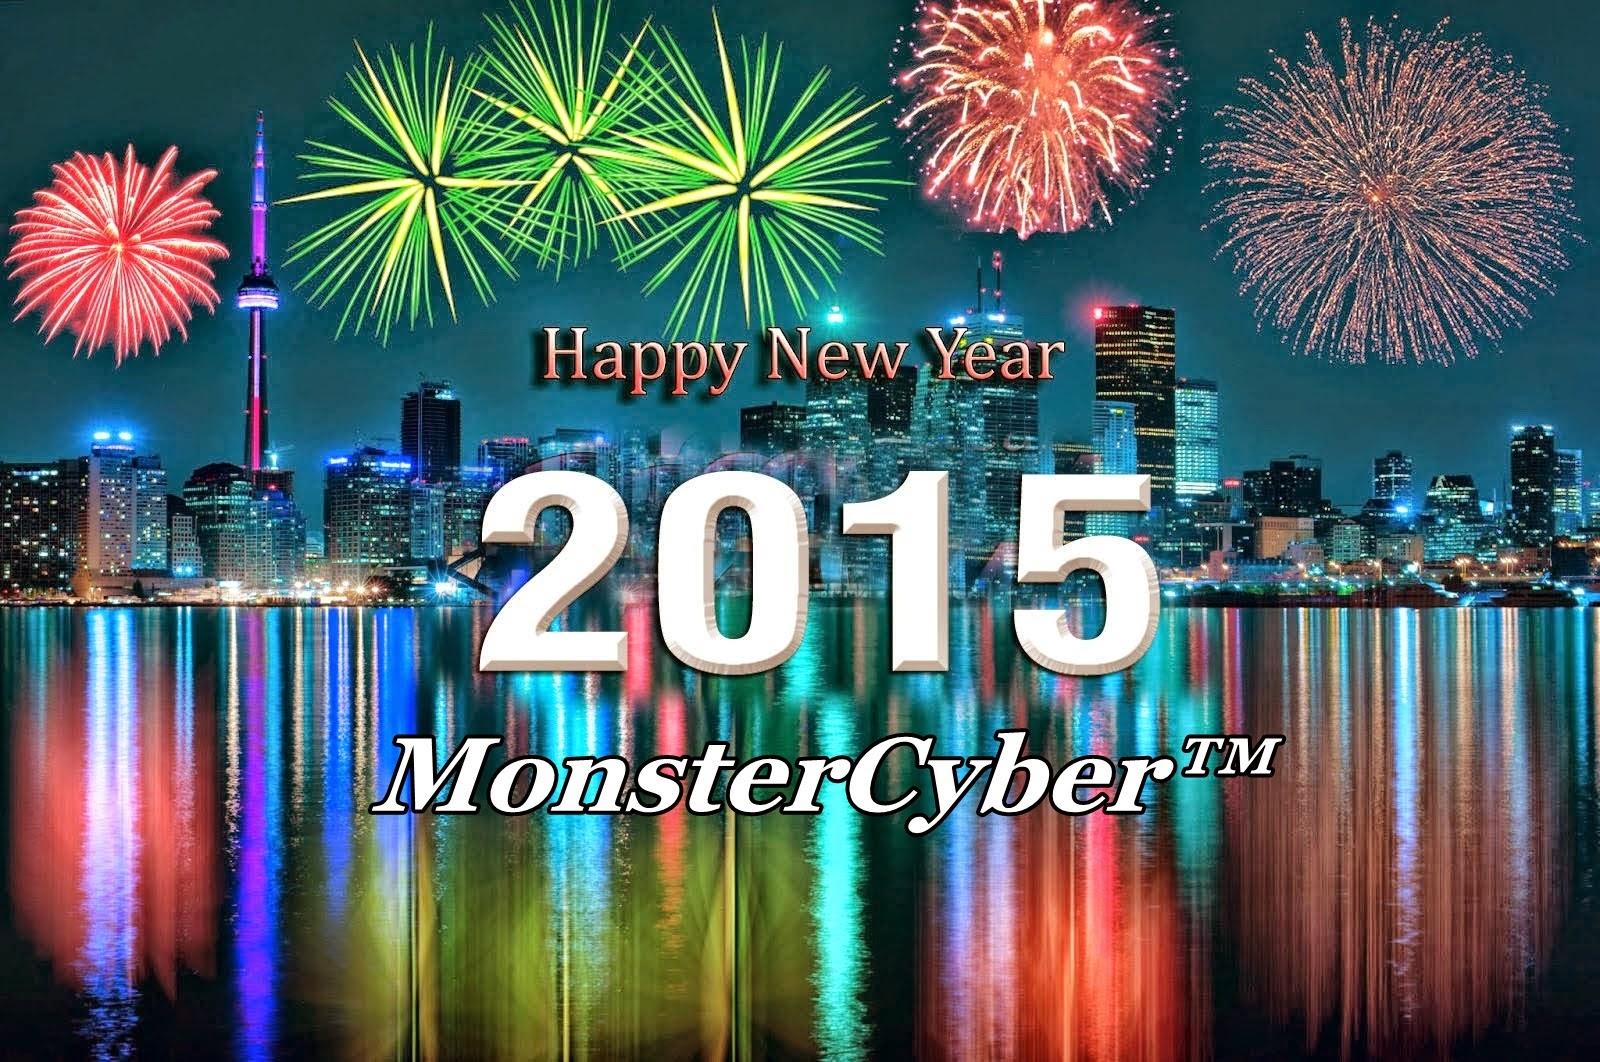 http://monstercyber135.blogspot.com/2014/10/kata-selamat-tahun-baru-2015.html